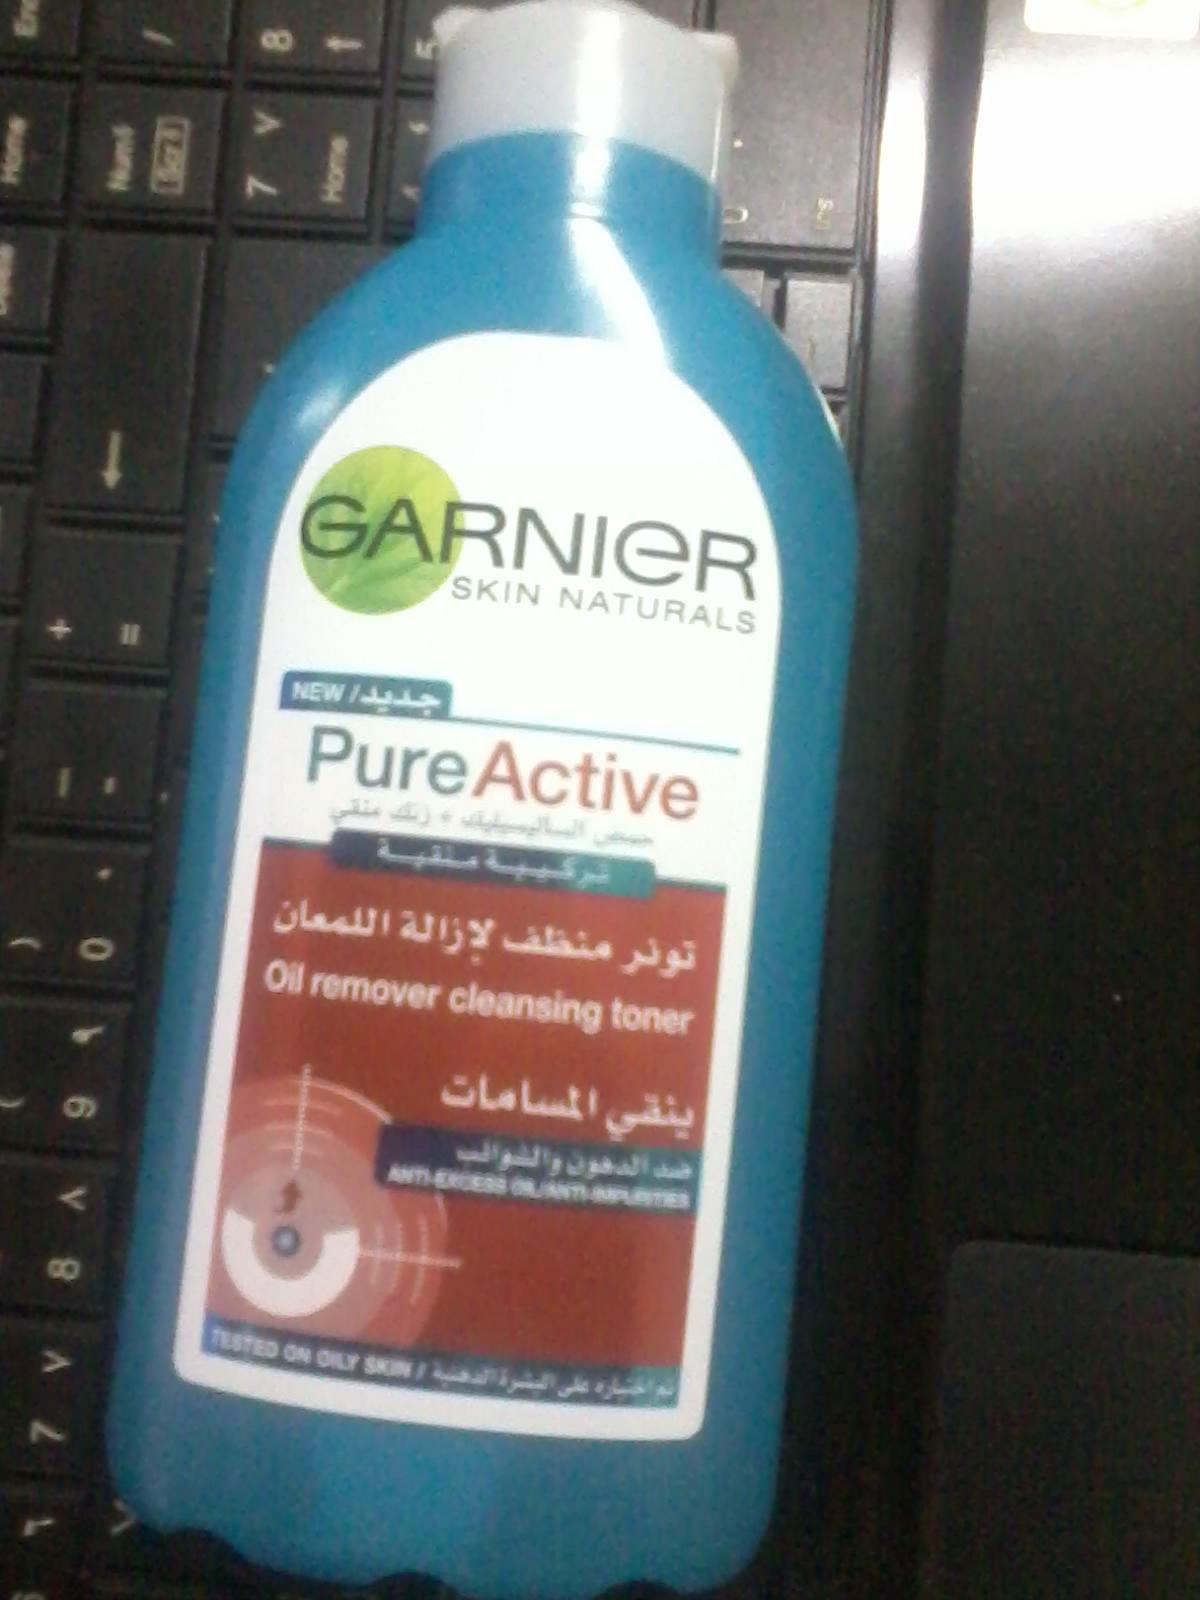 Garnier Products